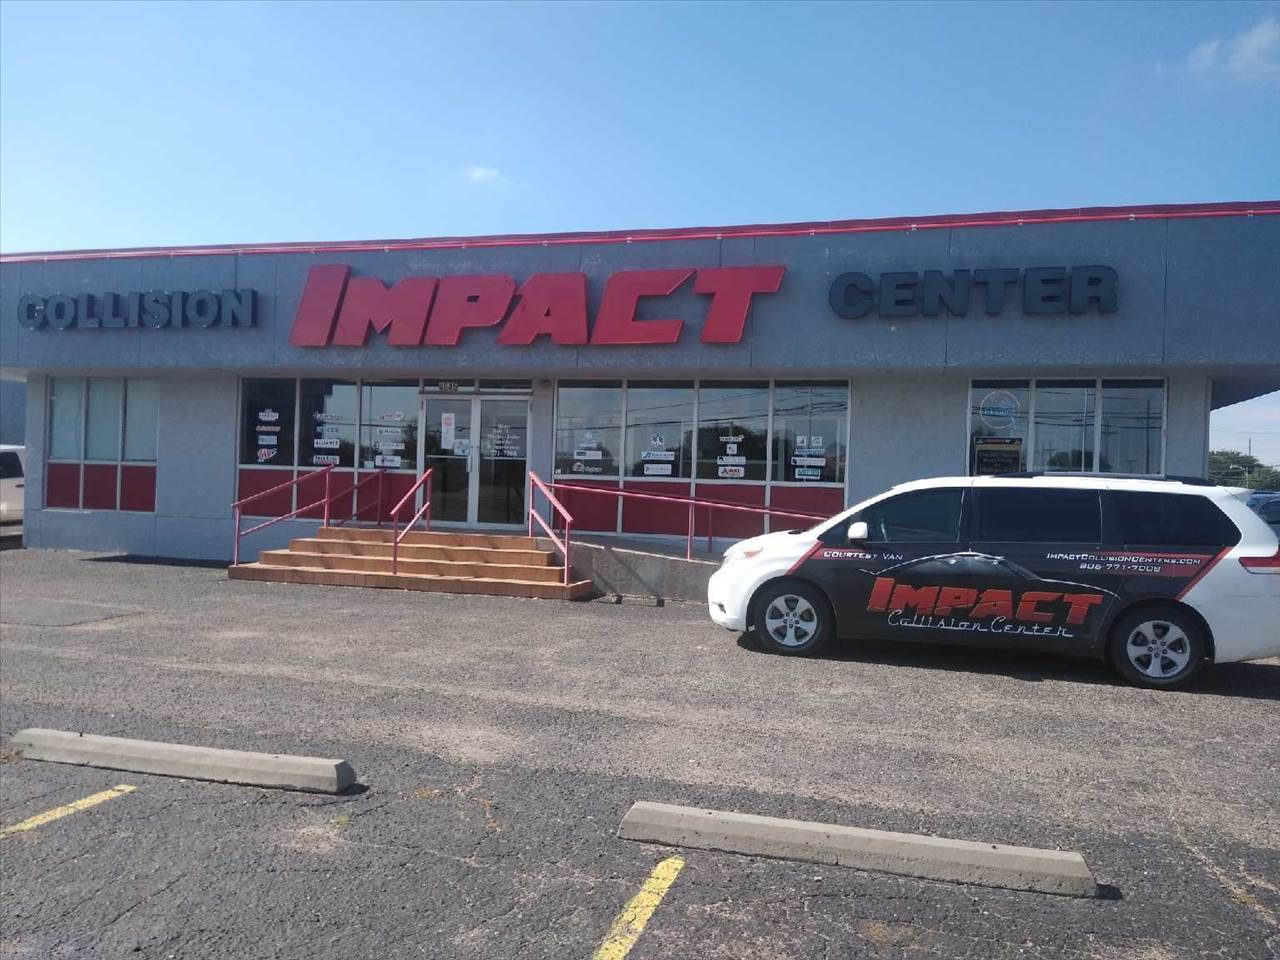 impact collsion center 1 in lubbock tx 79414 auto body shops carwise com lubbock tx 79414 auto body shops